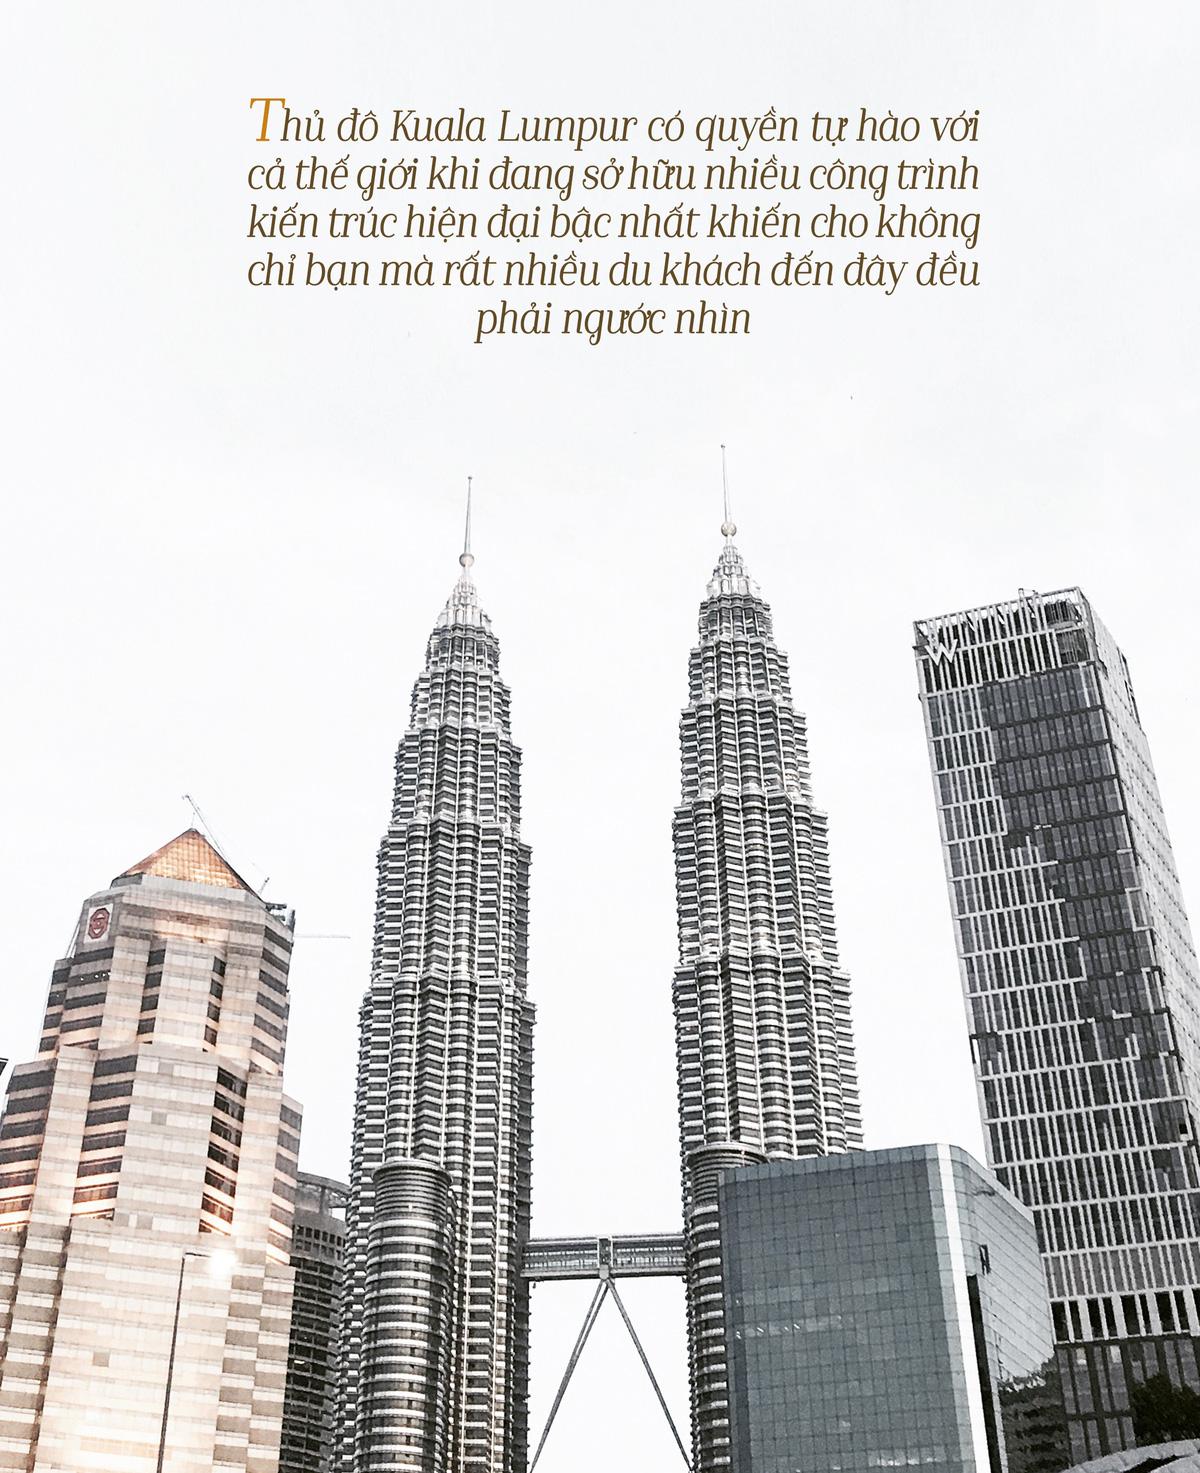 Leo núi trên mây, vượt thác, ngắm công viên đom đóm - 1001 trải nghiệm đang chờ bạn ở Malaysia! - Ảnh 9.